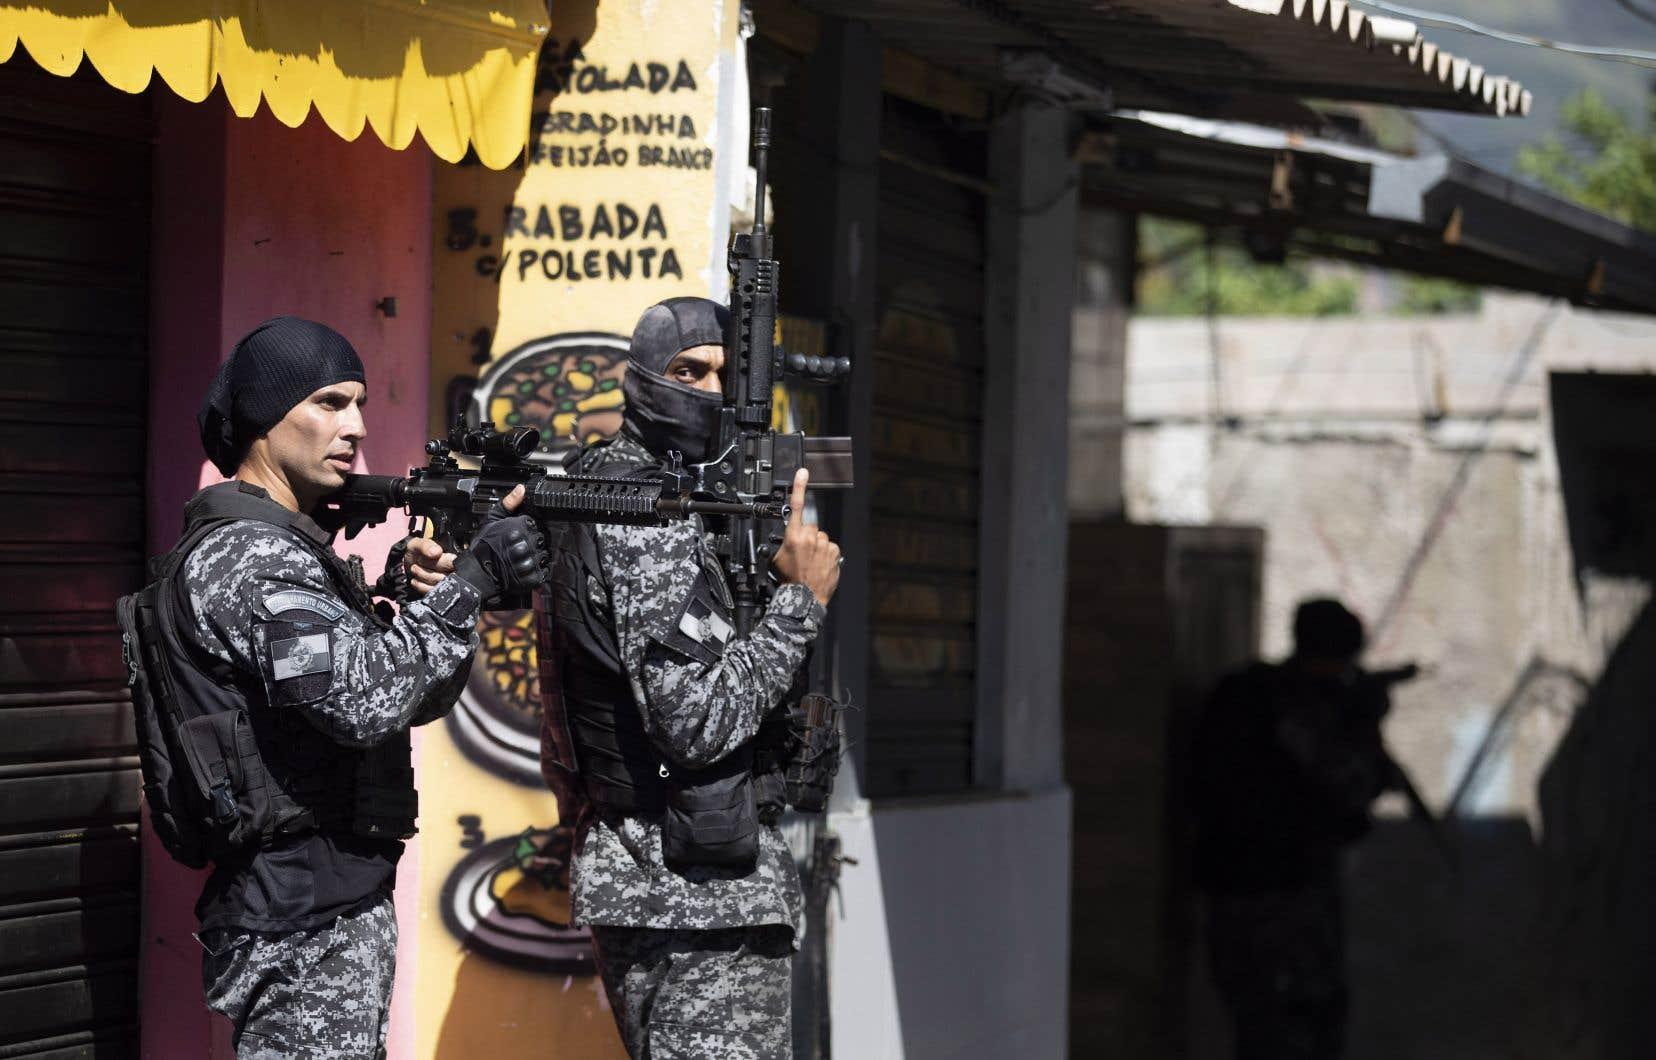 L'opération s'est déroulée en dépit d'un arrêt de la Cour suprême interdisant à la police de mener des raids dans les favelas appauvries du Brésil pendant la pandémie de coronavirus, sauf dans des «circonstances absolument exceptionnelles».